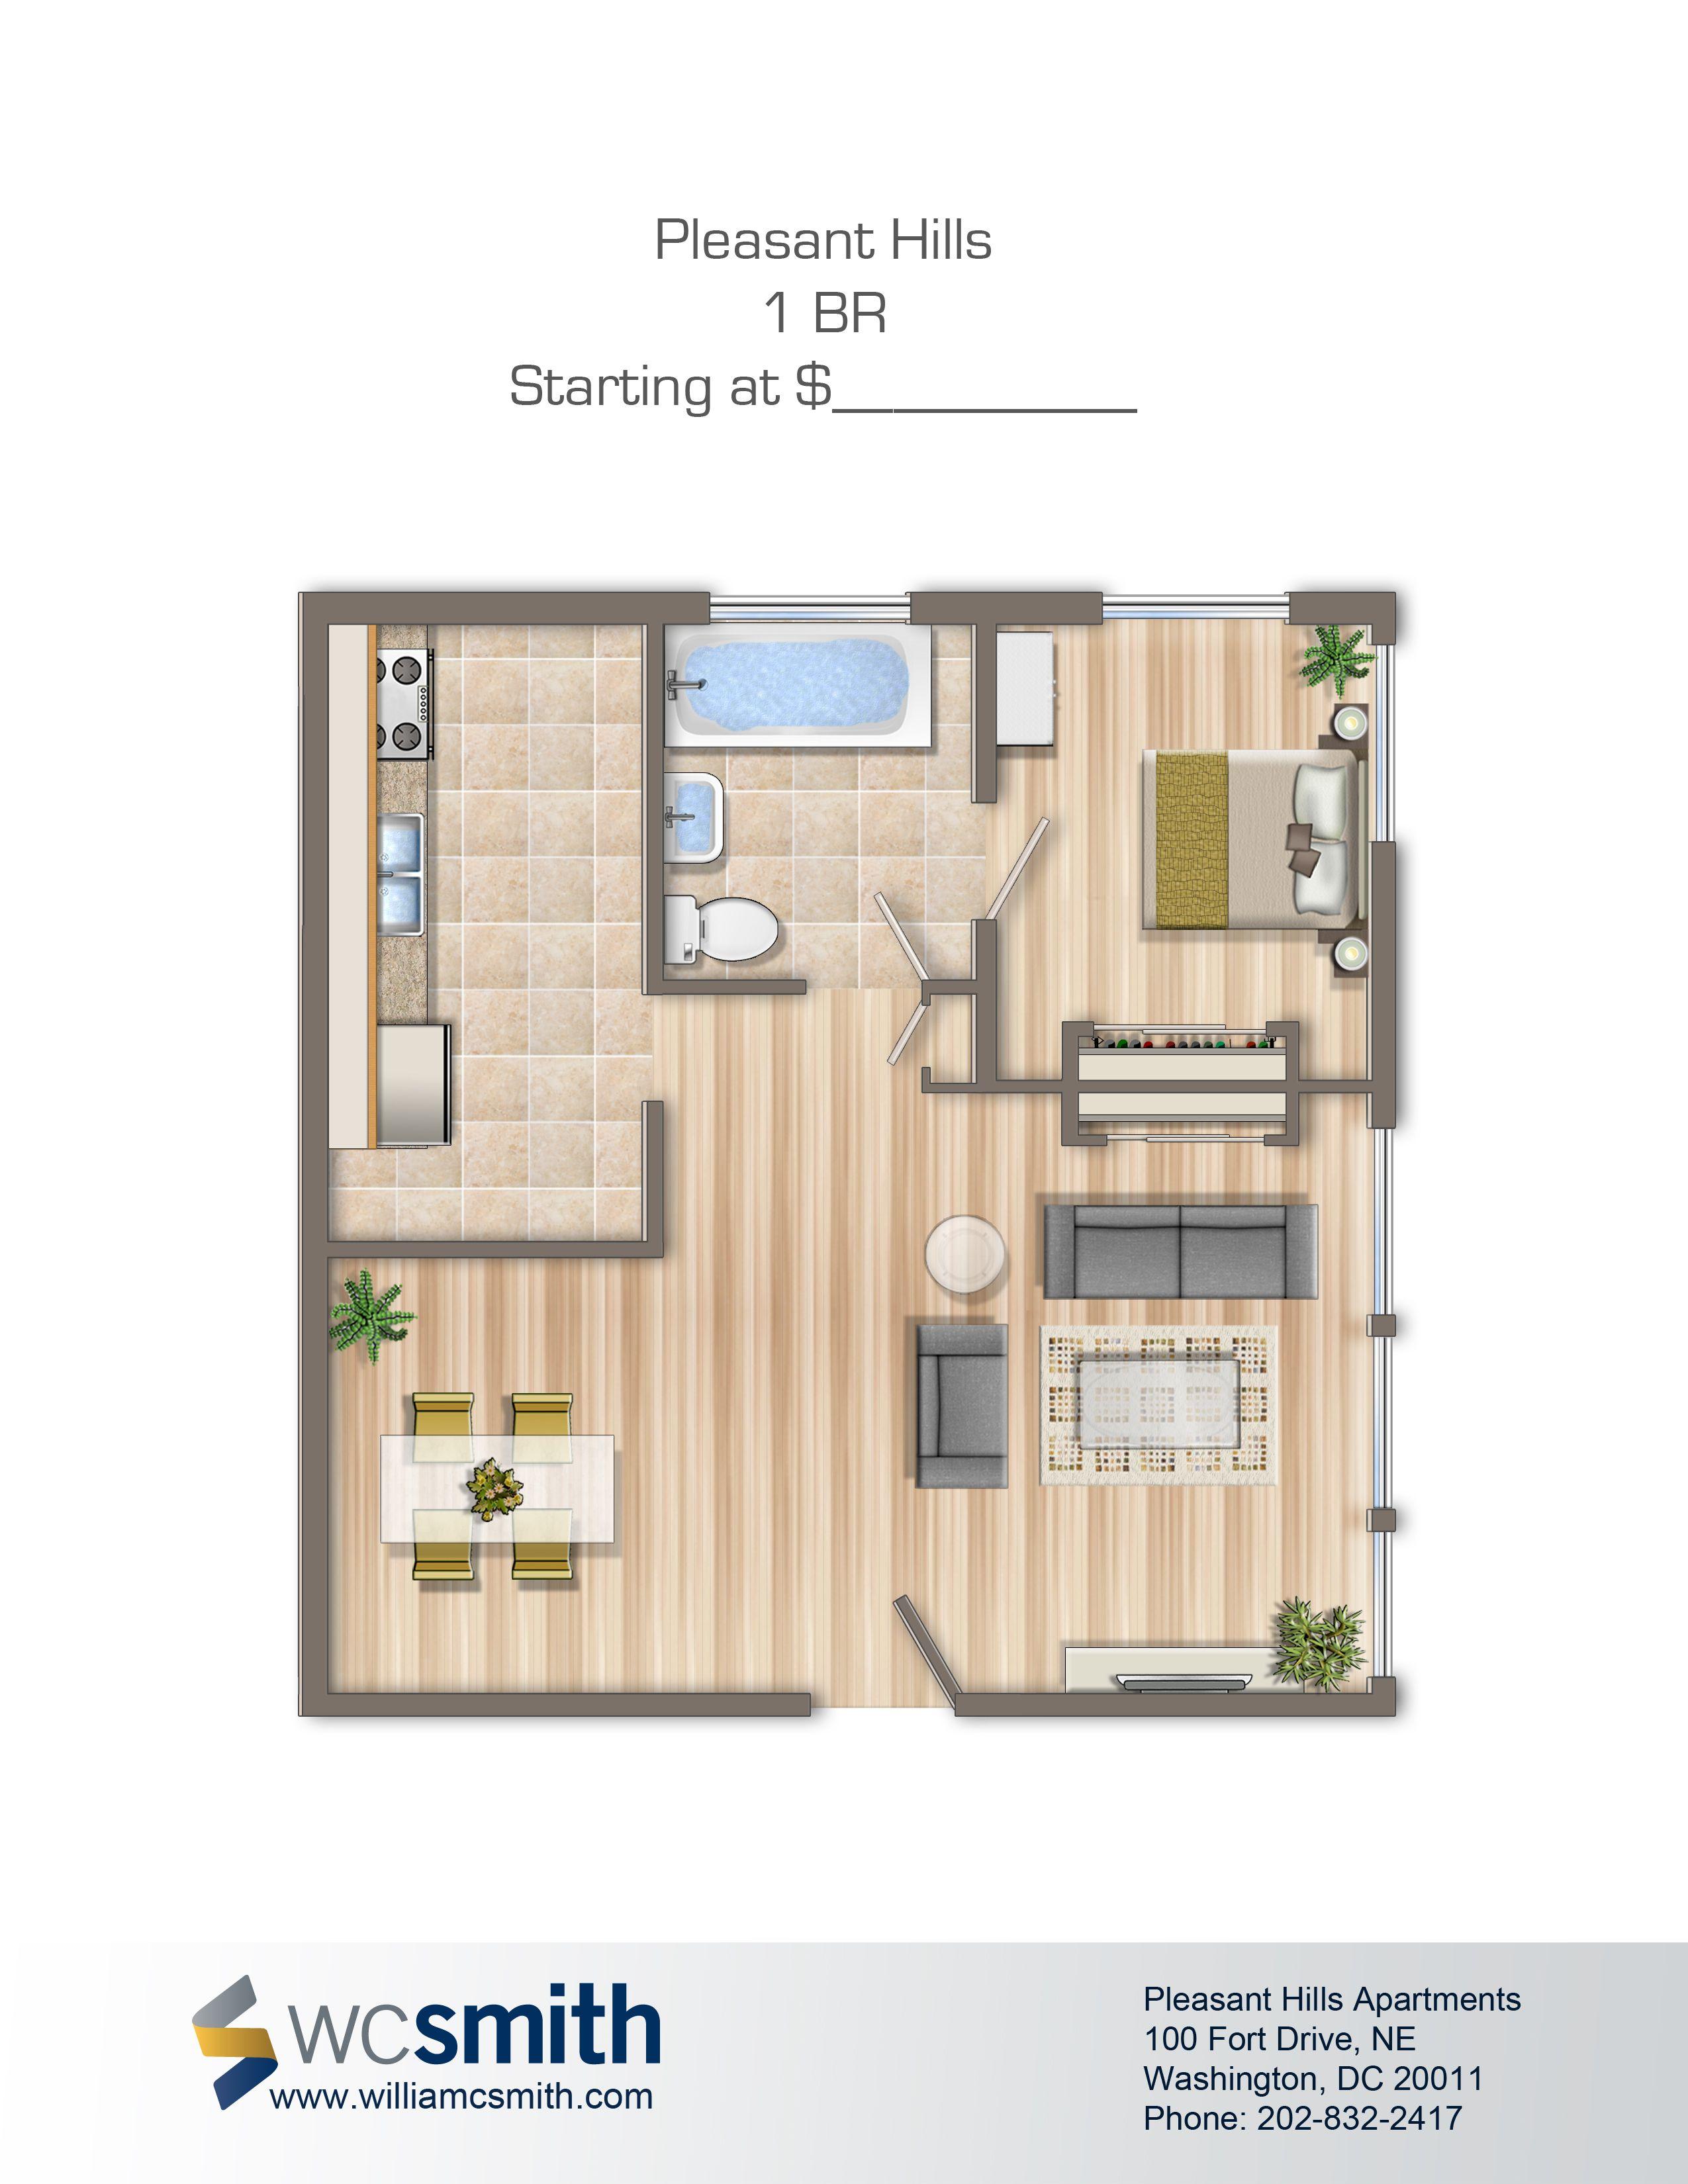 1 Bedroom Studio For Rent: Bedroom Floor Plans, Washington Dc And